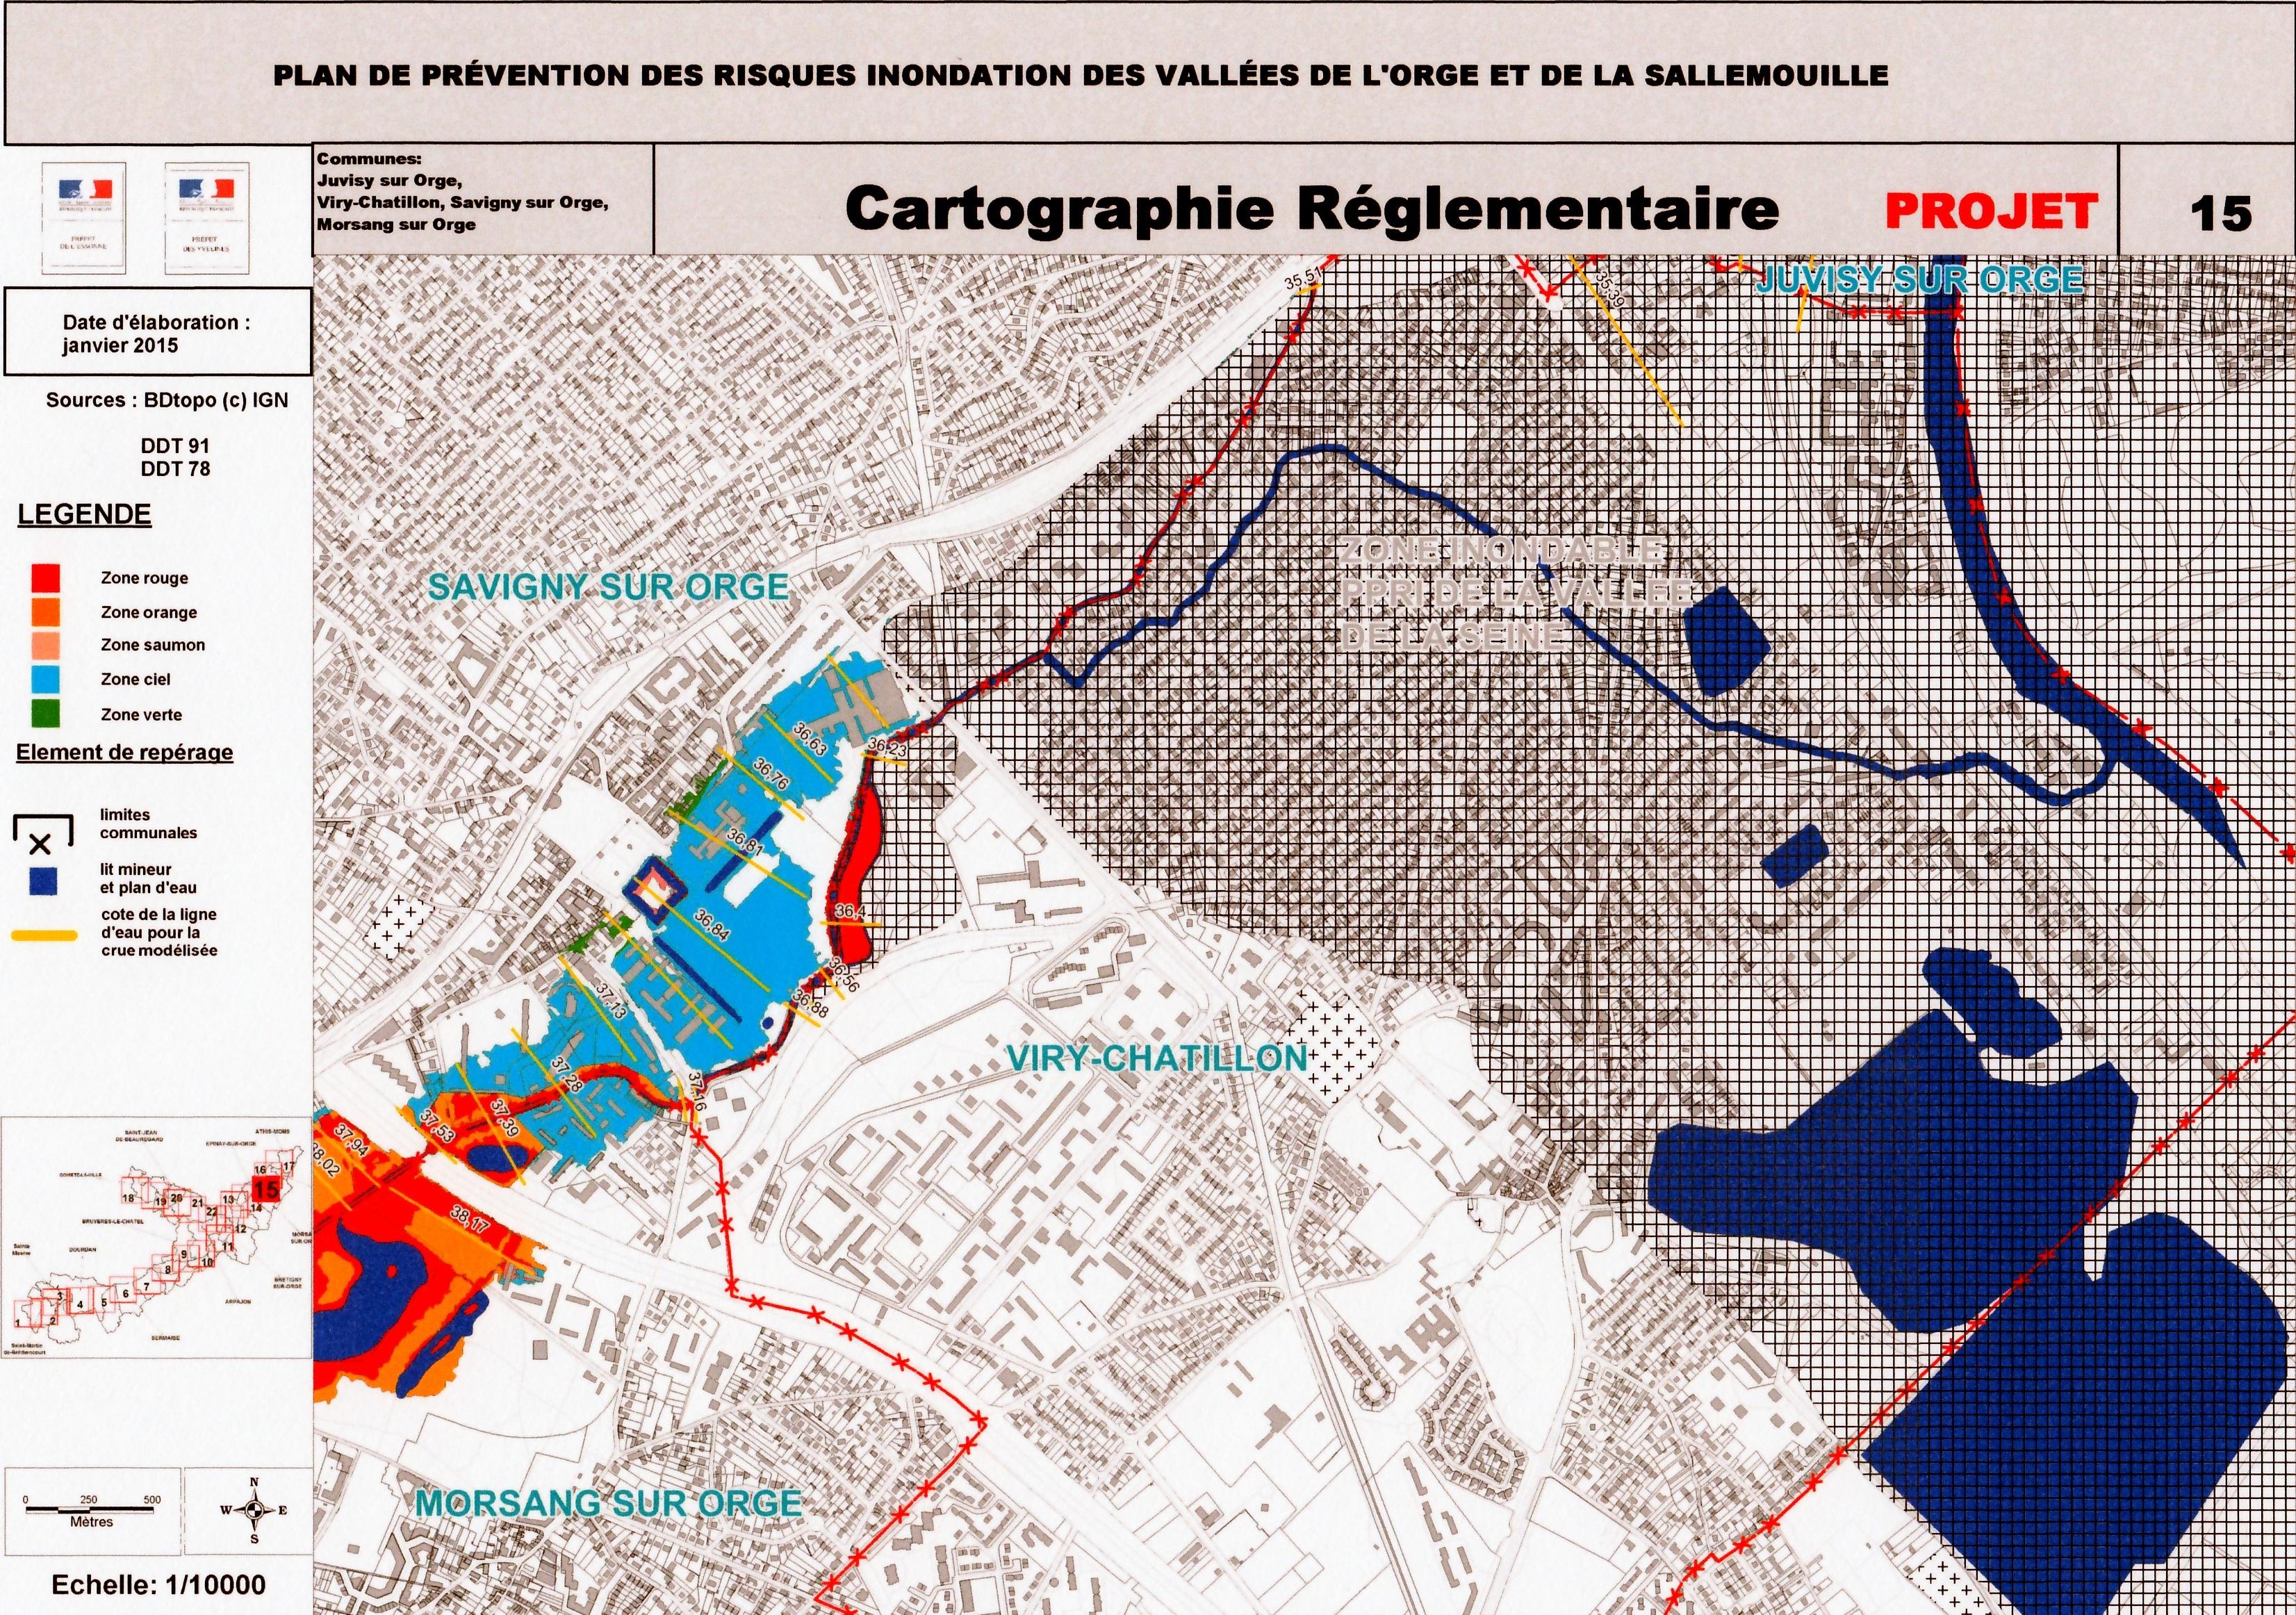 Vall e de l orge savigny sur orge 1 les inondations de for Plan de prevention des risques entreprises exterieures